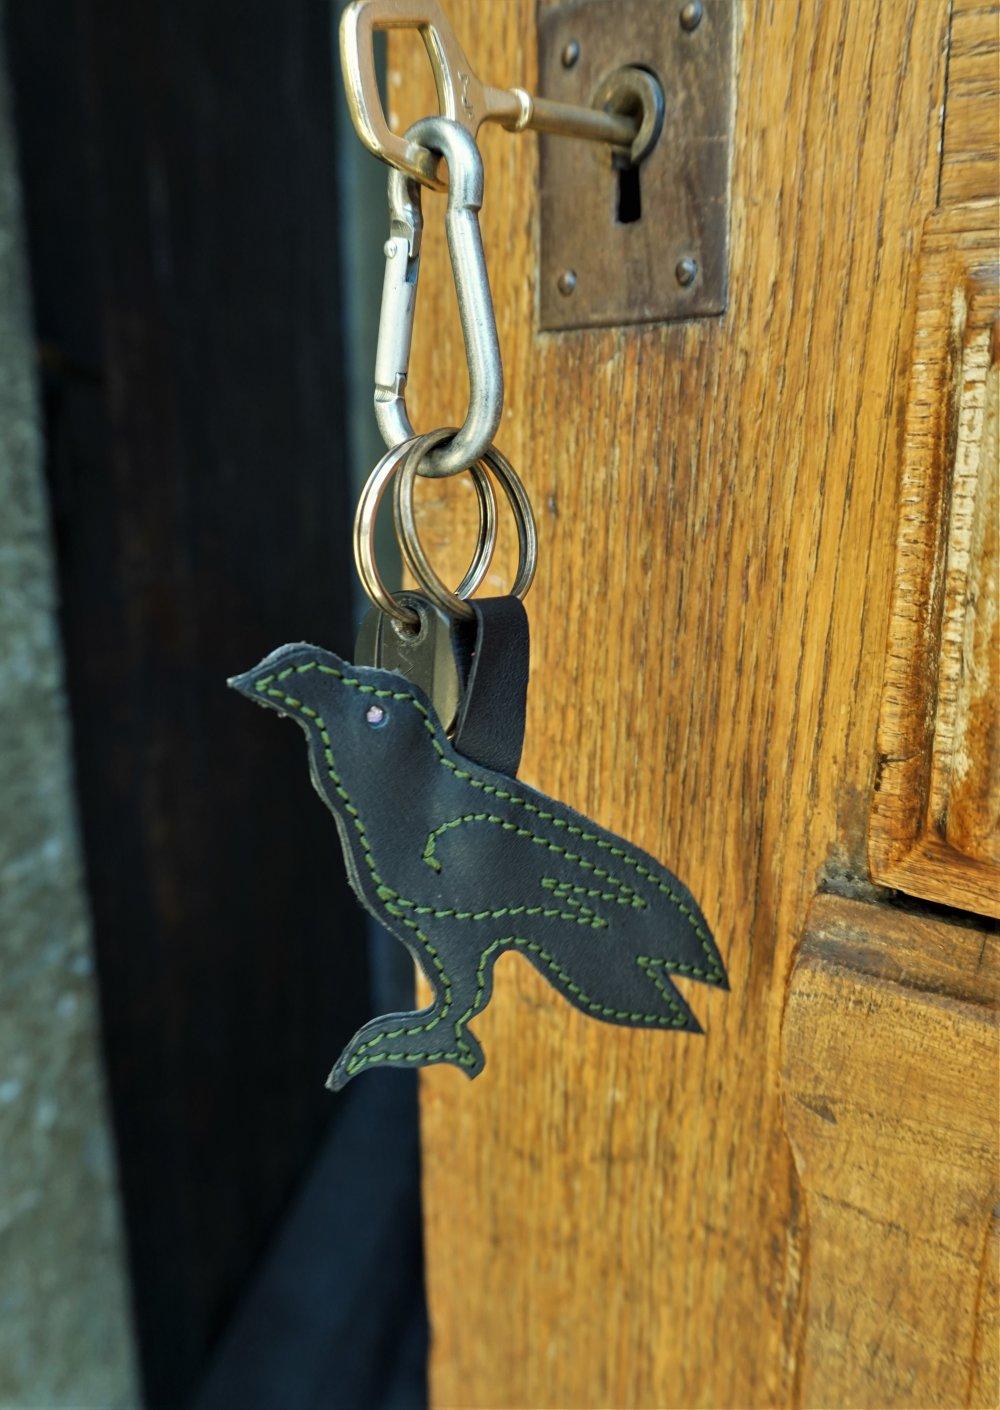 Bijou de sac corbeau noir ; Porte clé corbeau en cuir ; accessoire de sac  ; idée cadeau Huginn ; 20.01